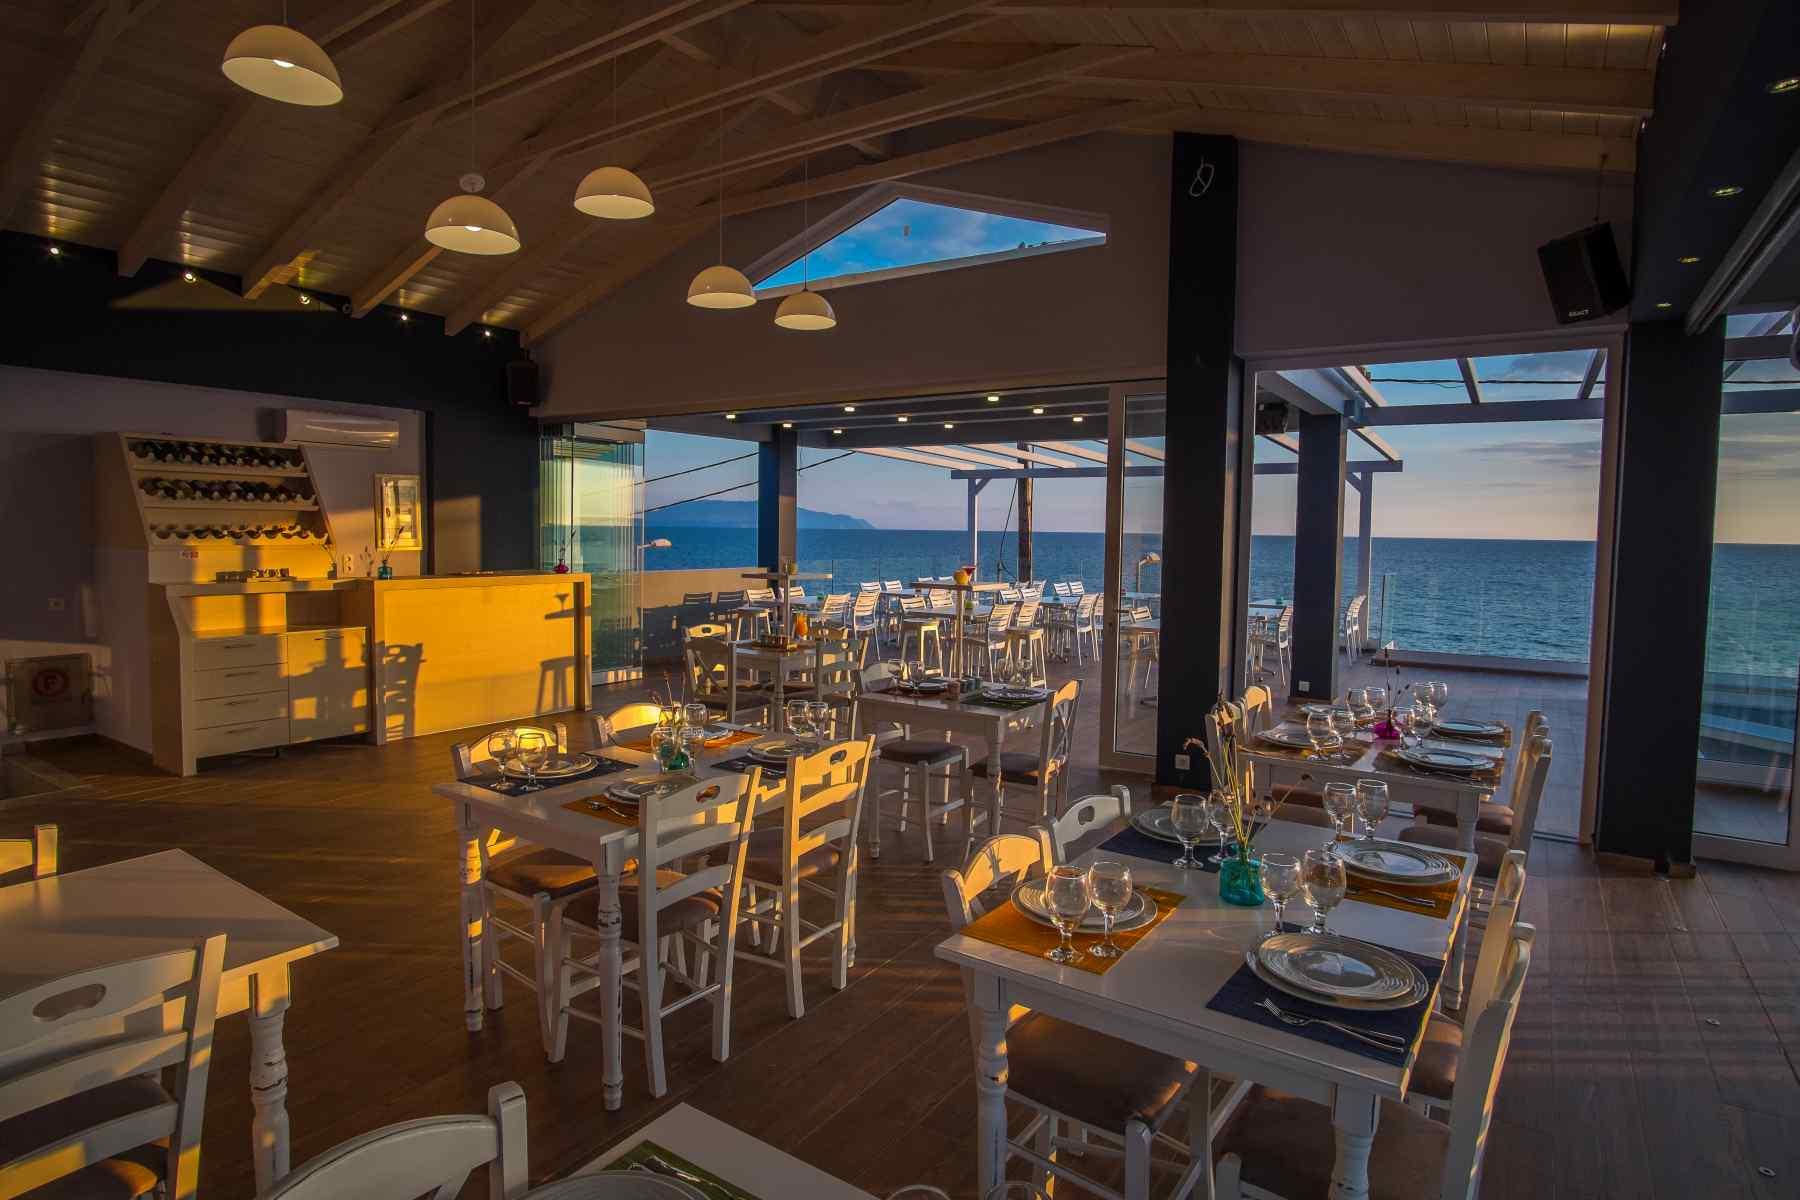 Must Boutique Hotel, Ξενοδοχείο στο Κανάλι Πρέβεζας, Εστιατόριο με ελληνικά παραδοσιακά πιάτα